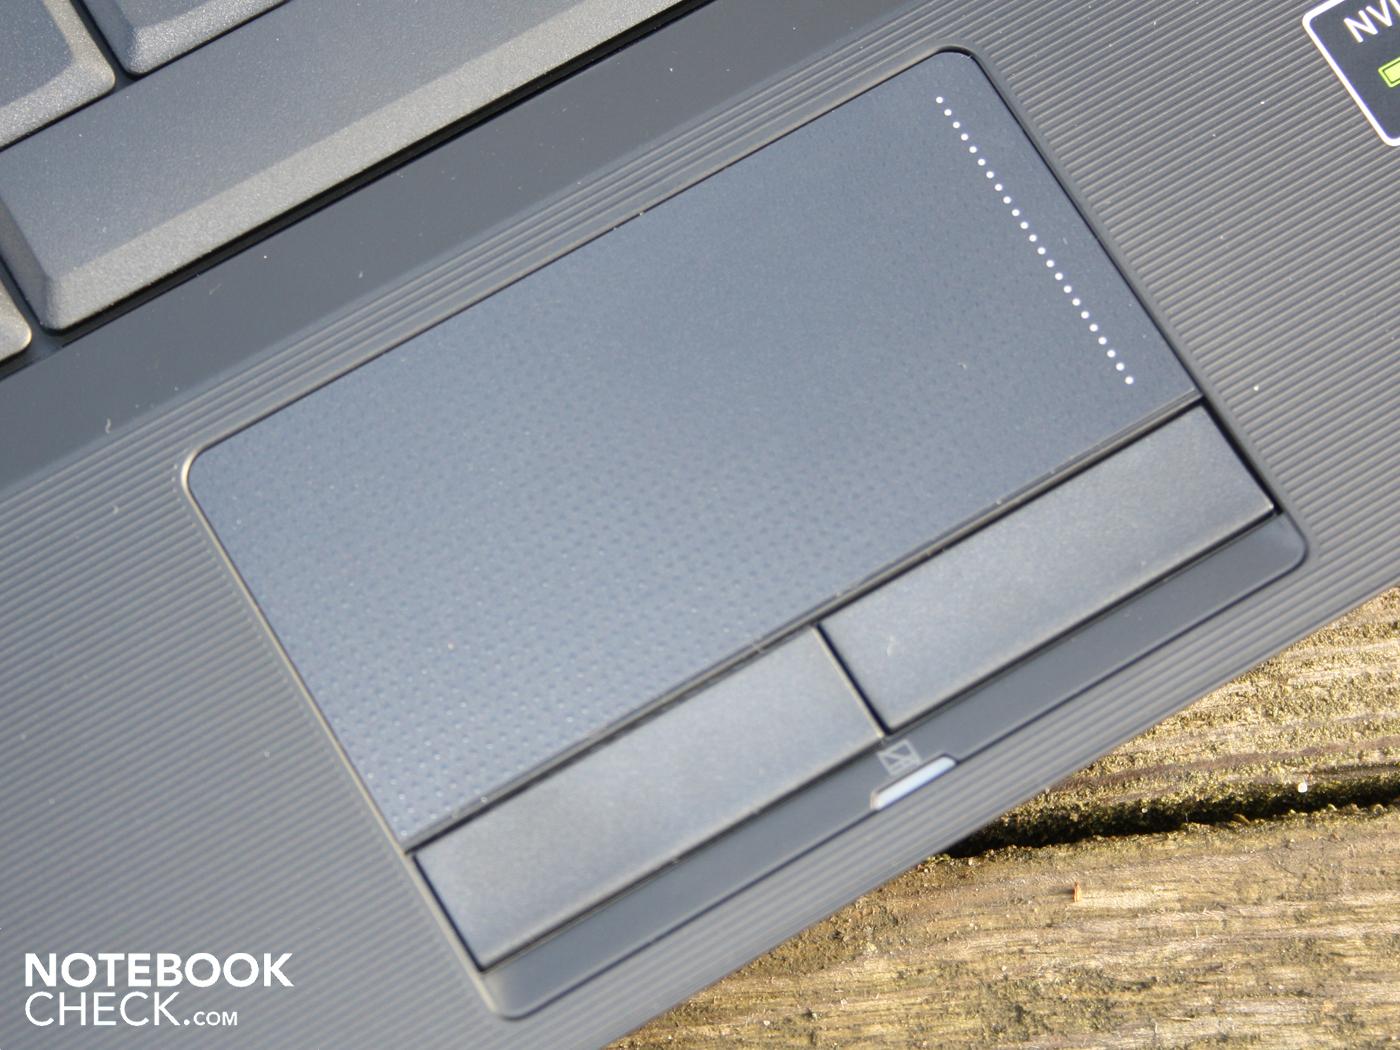 notebook lenovo b560 драйвера для xp